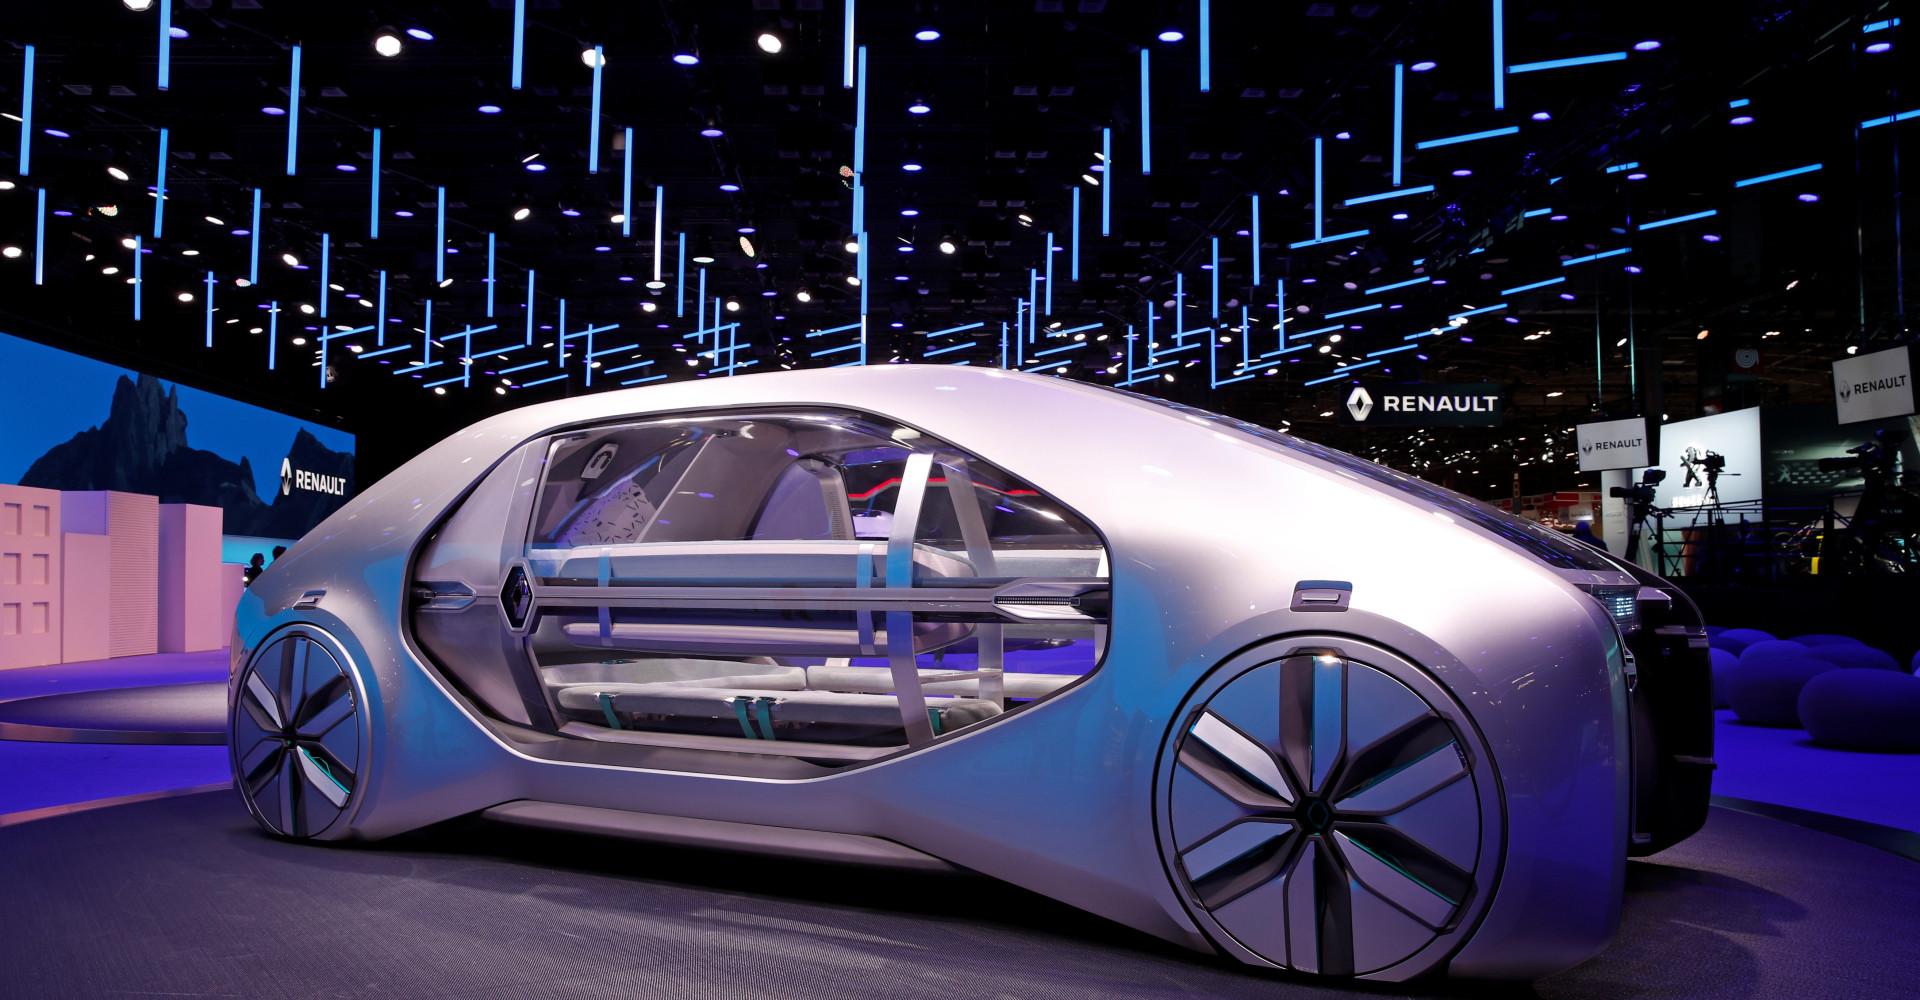 Mondial de l'Auto 2018: Paris dévoile les véhicules les plus verts